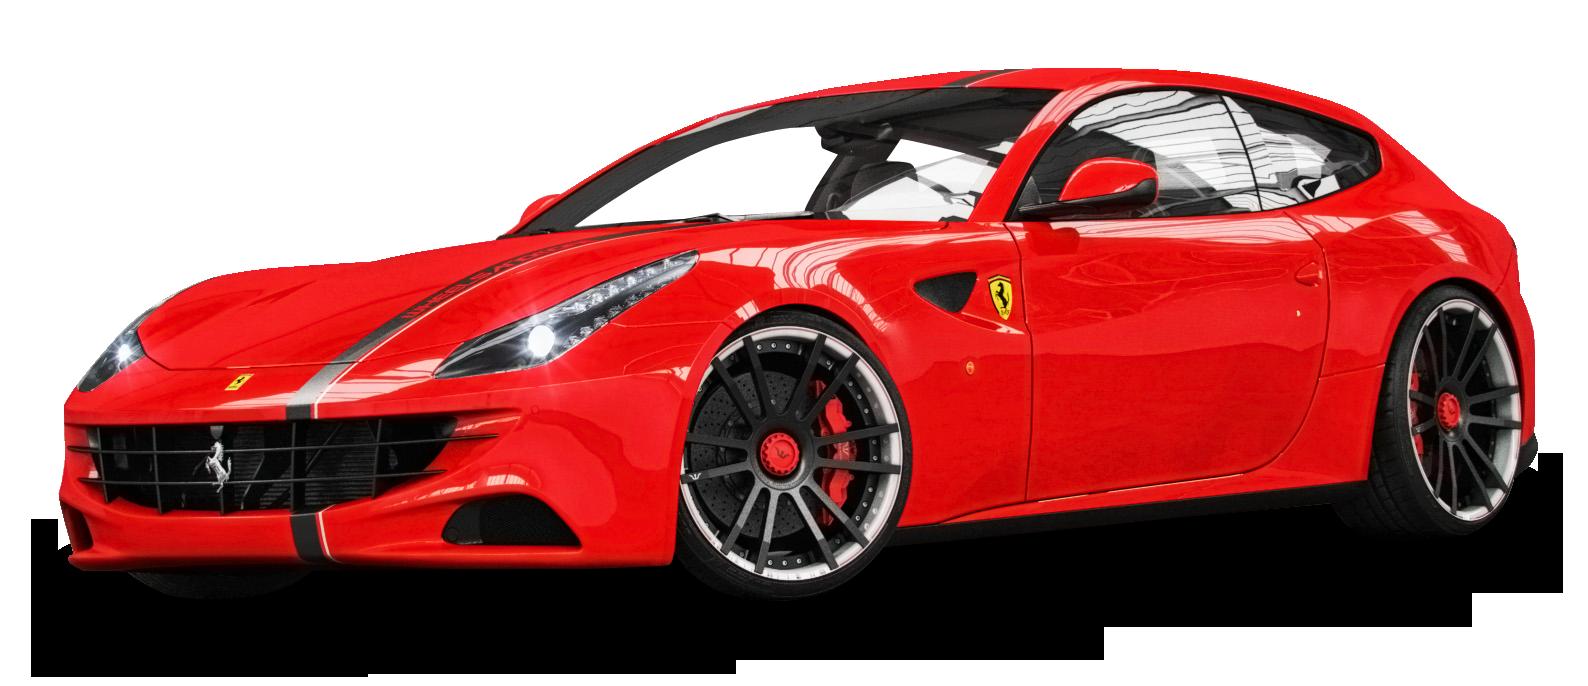 Ferrari Red Car